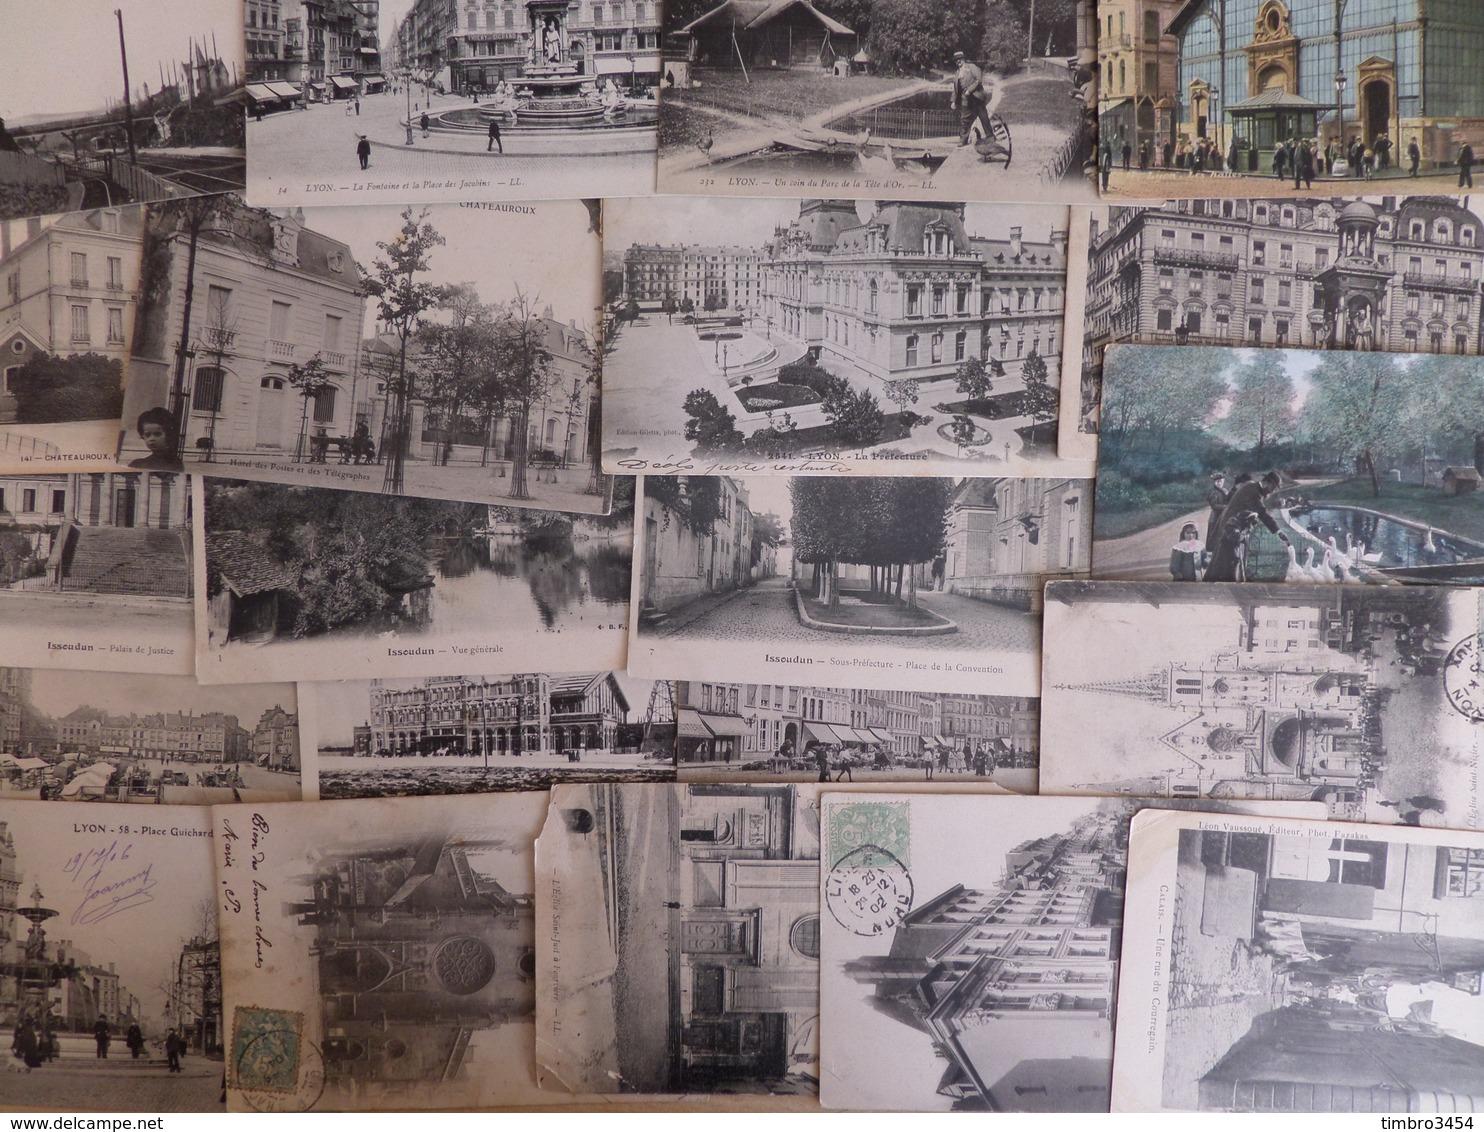 France Superbe Lot/vrac De + De 1000 Cartes Postales 1900/1915 Environ. Très Varié Avec De Bonnes Cartes! A Saisir! - Postcards